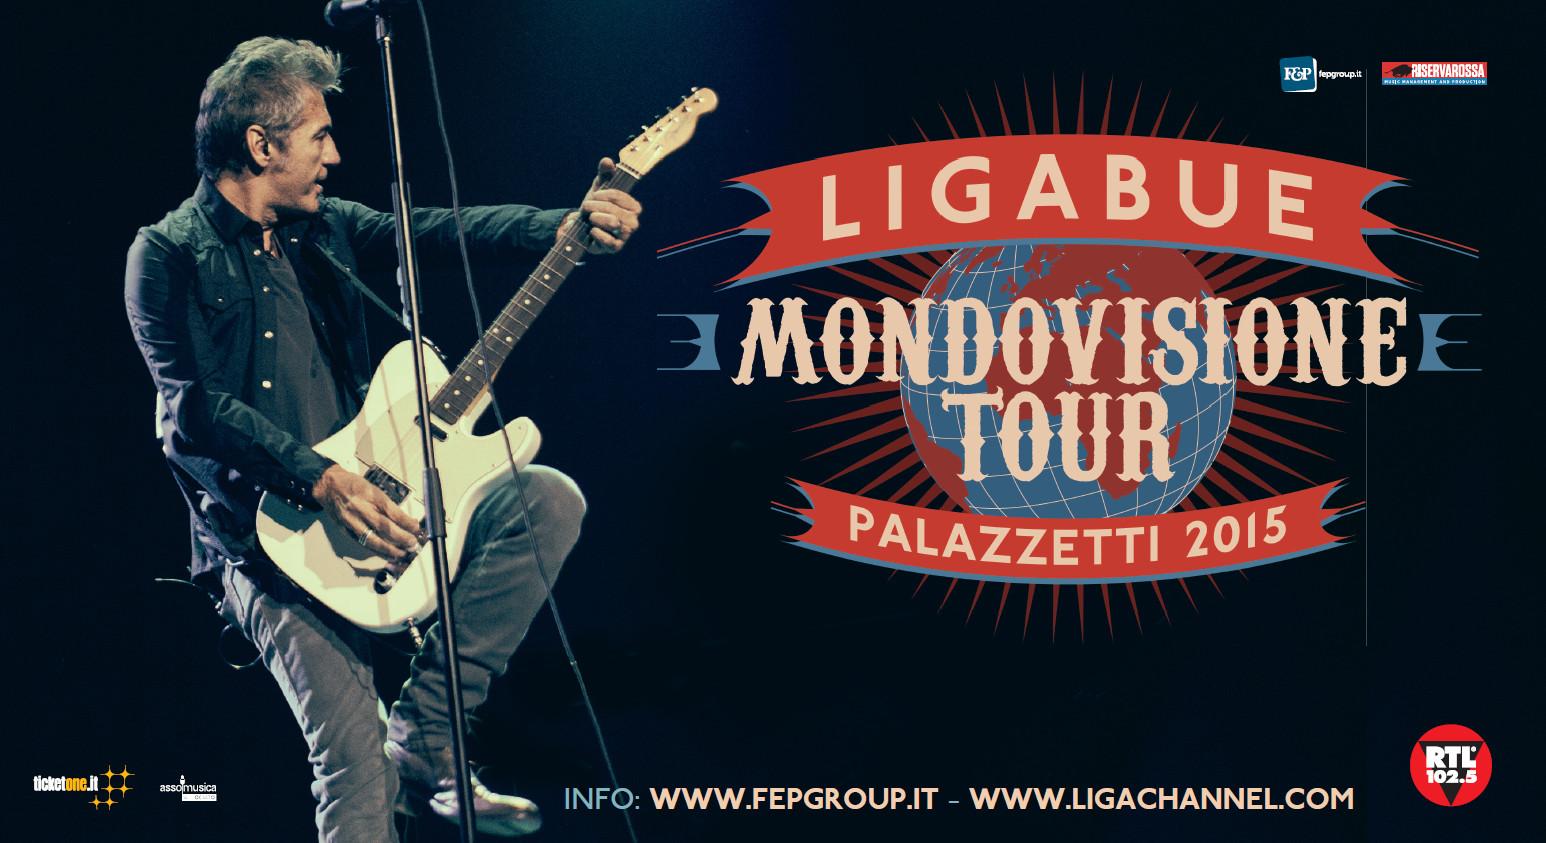 Ligabue cambia scaletta per i palasport, una canzone sarà scelta dai fans e i concerti sono tutti sold-out!